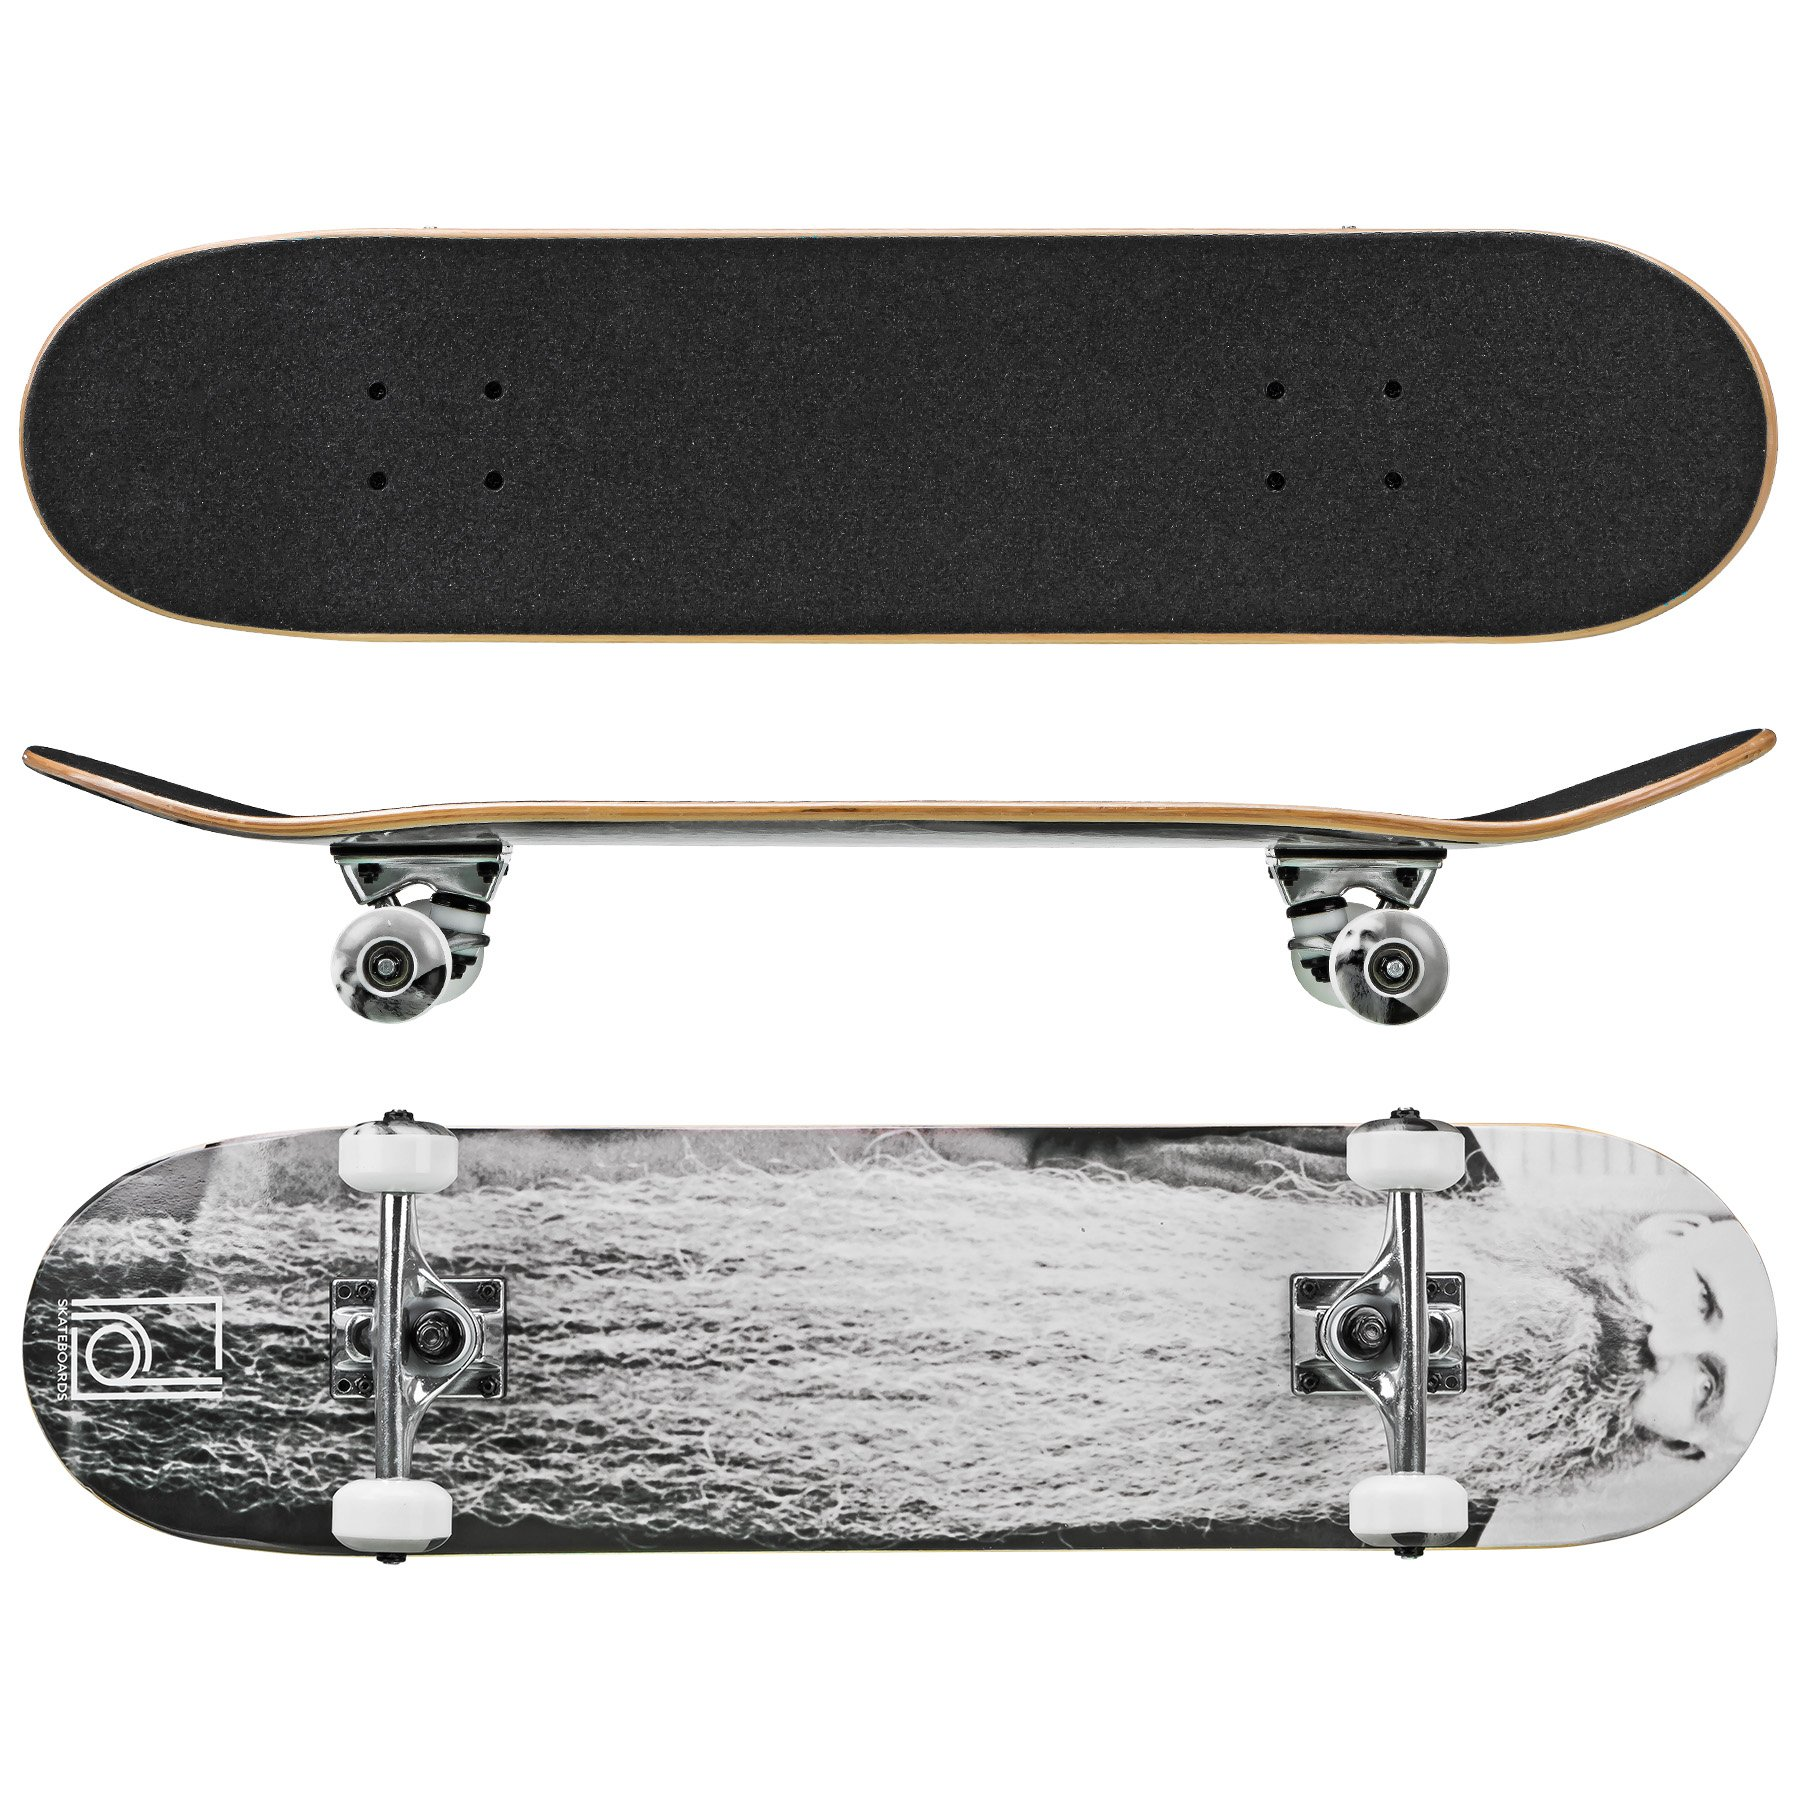 Roller Derby Rd Deluxe Series Skateboard The Beard, Multi, 31'' x 8''